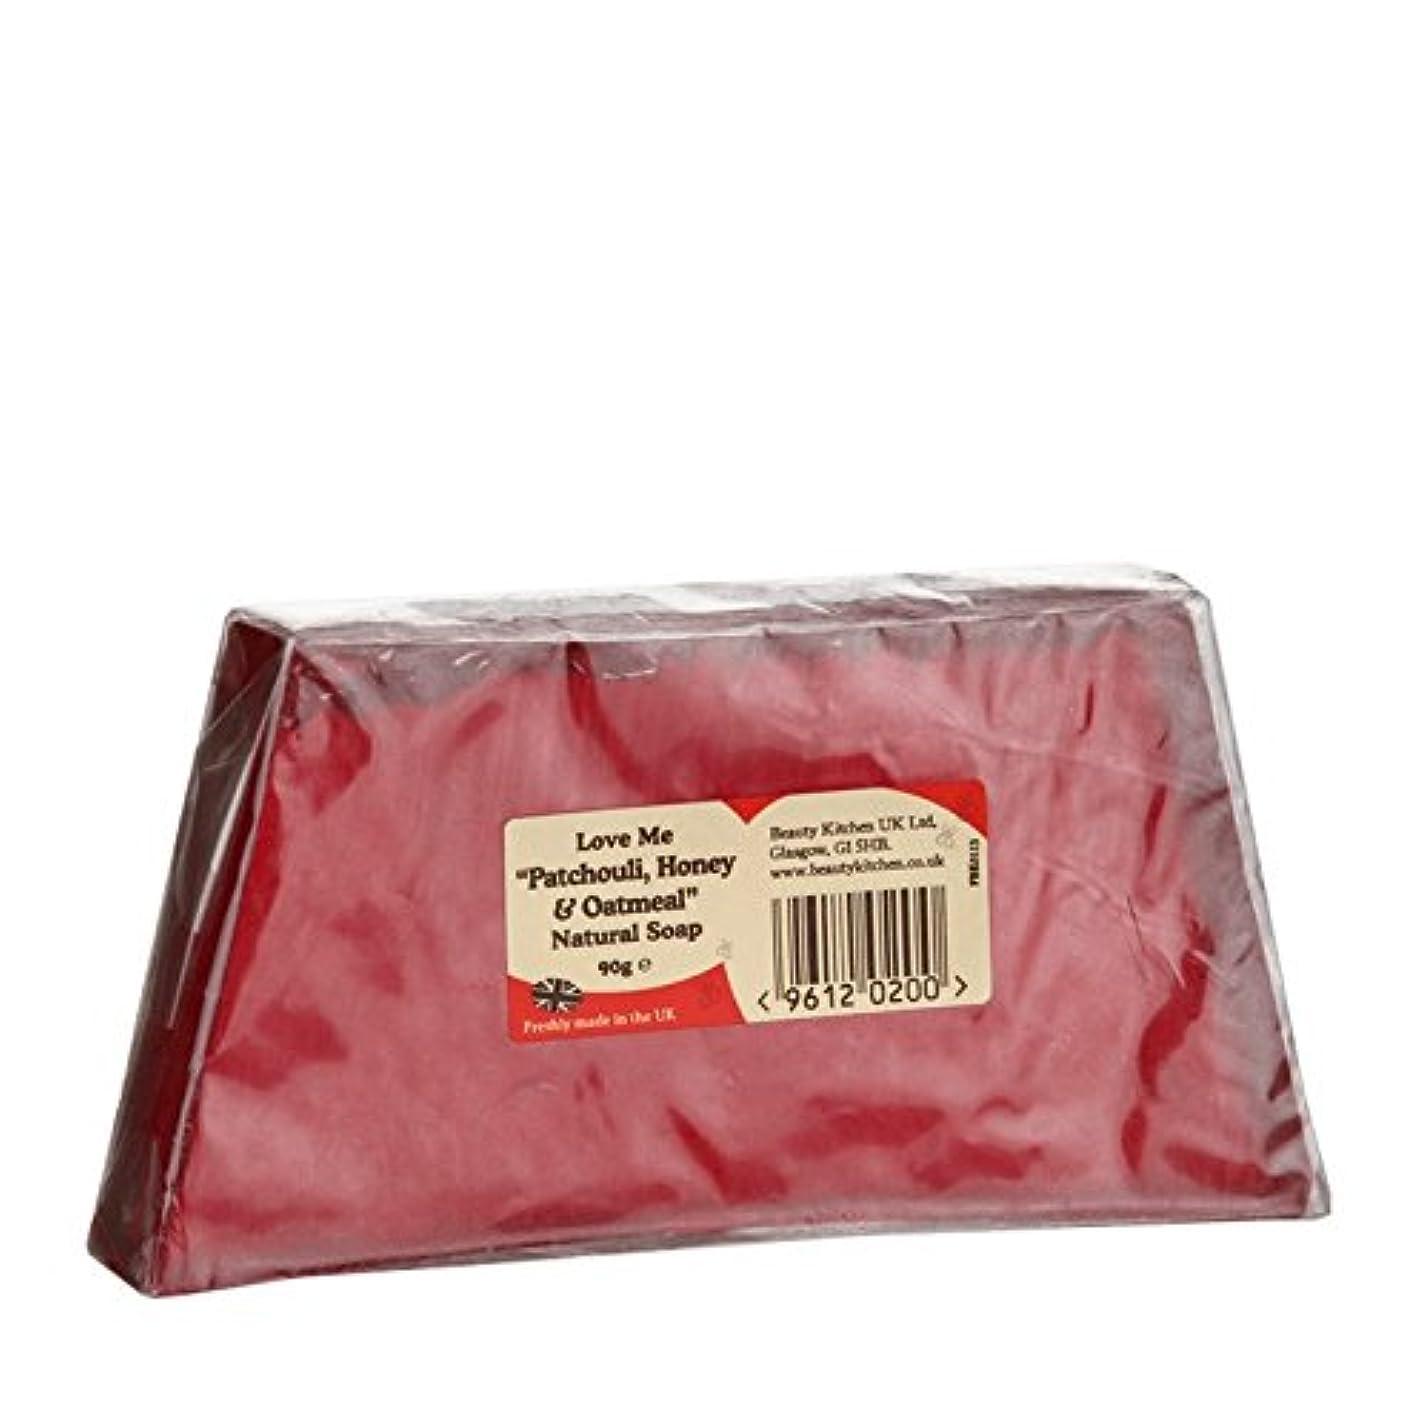 天窓地元葉を集めるBeauty Kitchen Love Me Patchouli, Honey & Oatmeal Natural Soap 90g (Pack of 2) - 美しさのキッチンは私にパチョリ、ハニー&オートミール、天然石鹸...